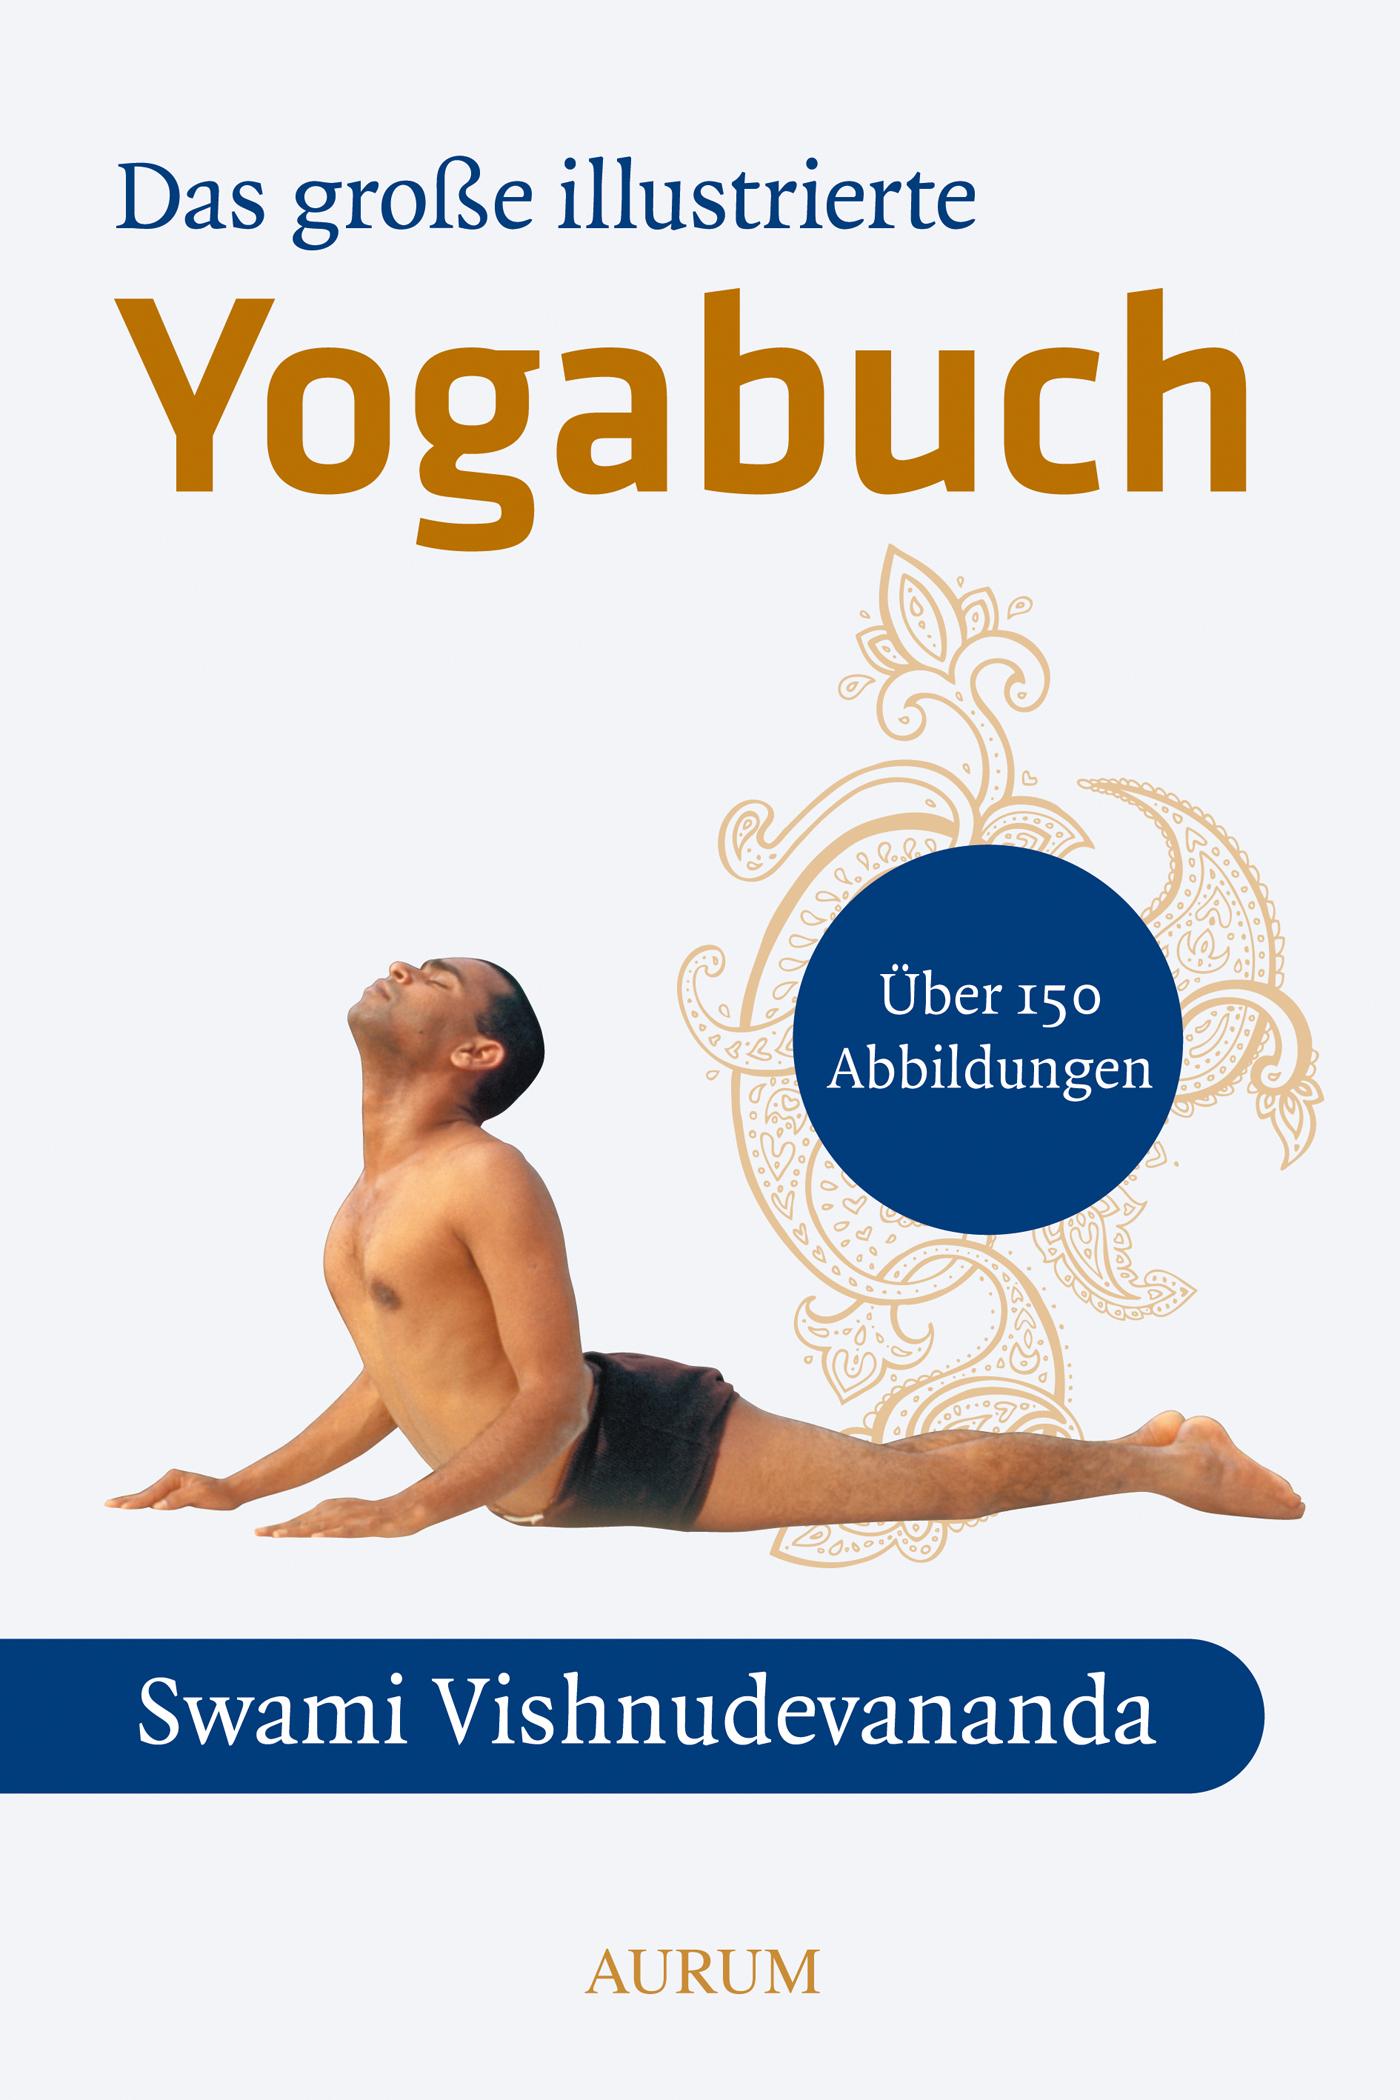 Das große illustrierte Yoga-Buch - Swami Vishnu-Devananda [Broschiert, 15. Auflage 2014]